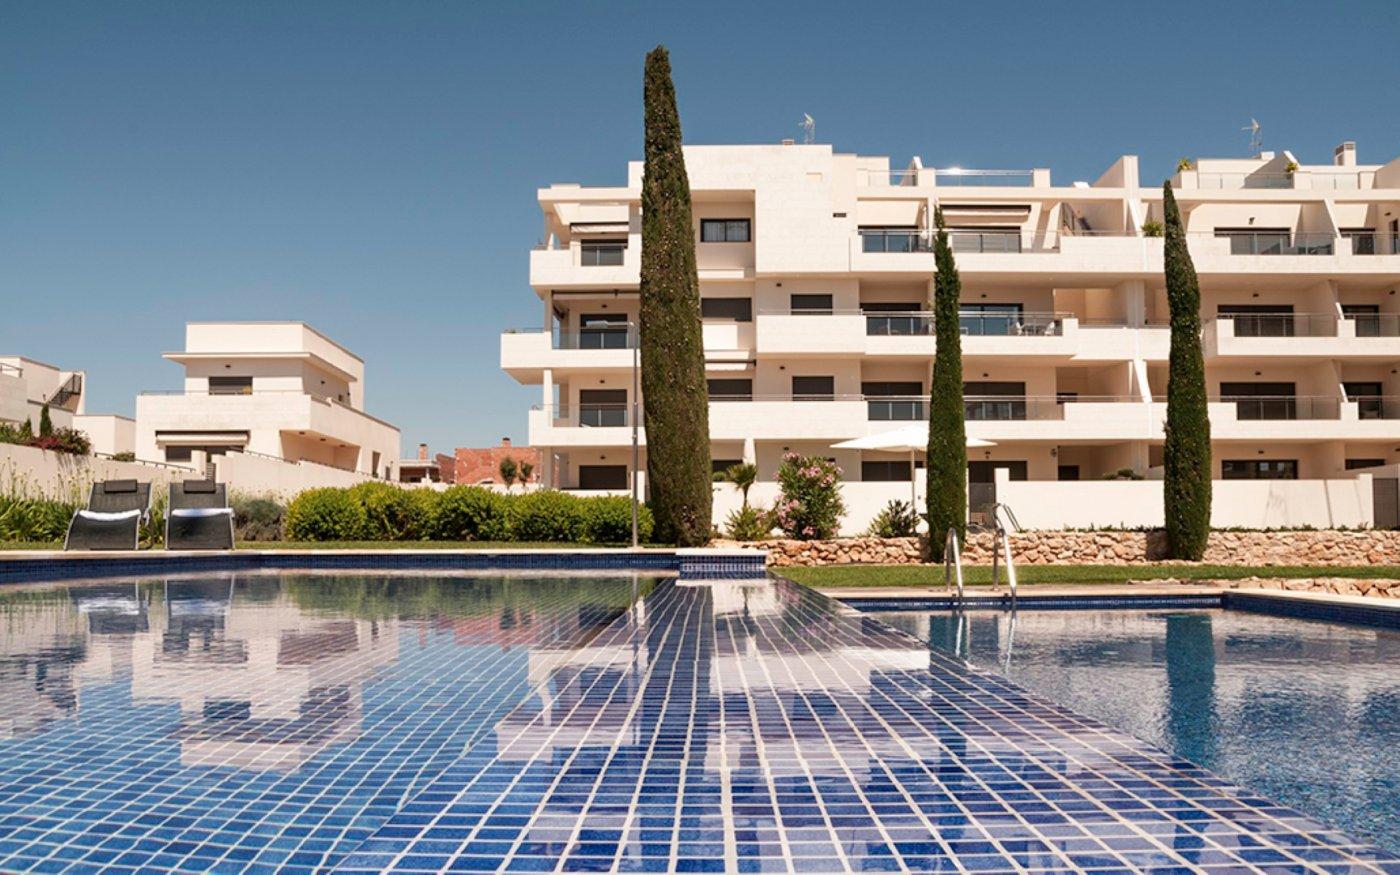 Appartement - Nieuwbouw - Orihuela Costa - Villamartin